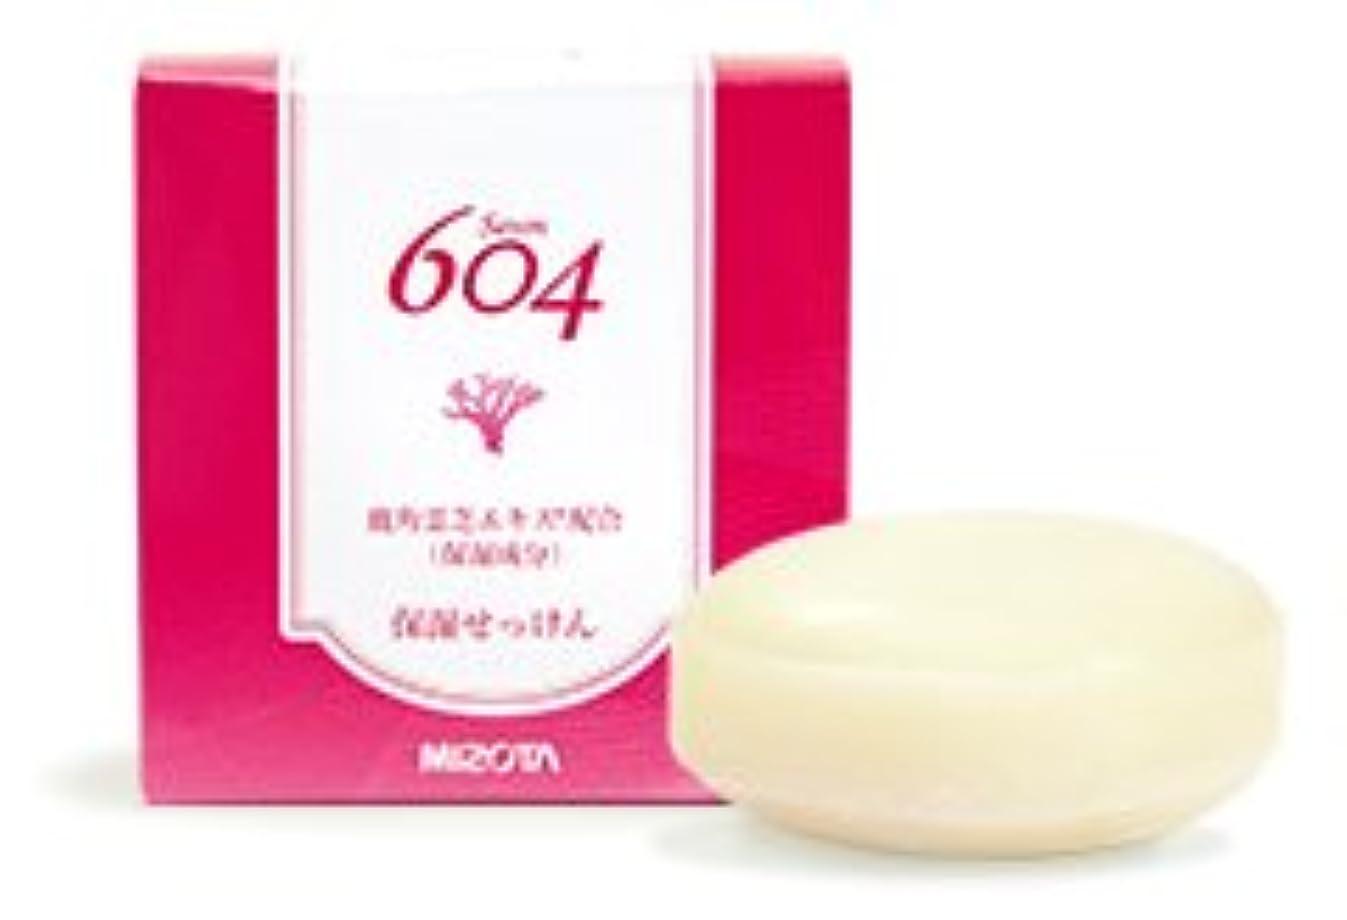 裕福な生じる葉っぱ保湿ソープ604(洗顔石鹸) 鹿角零芝エキス配合